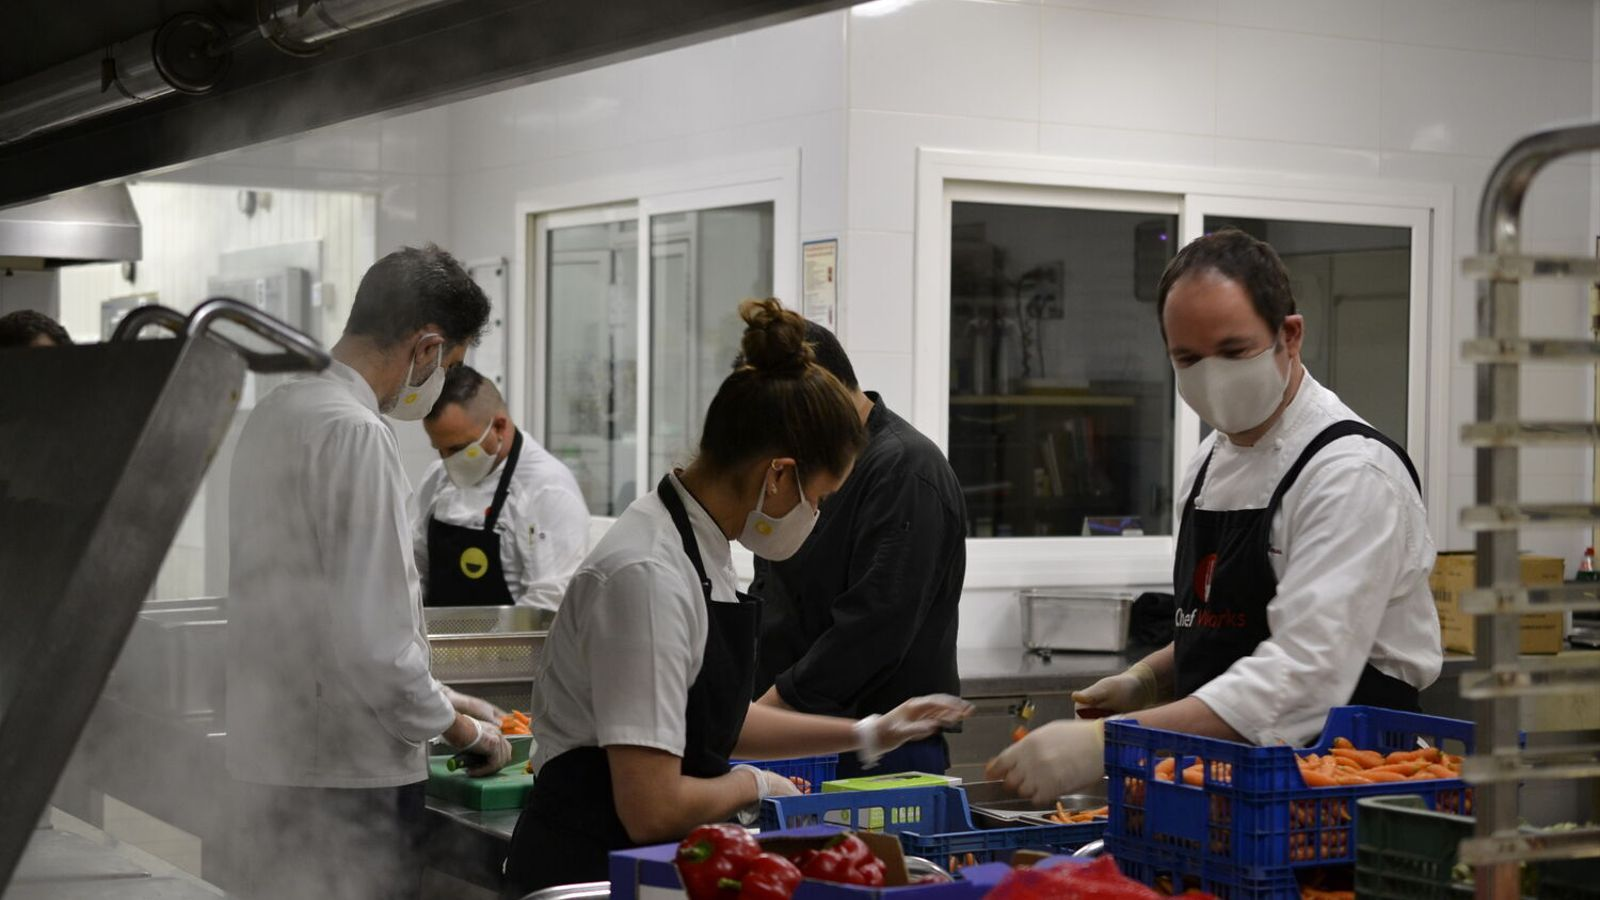 La cuina de la iniciativa Food for Good BCN que preparava àpats diaris per a les persones més desfavorides durant el confinament